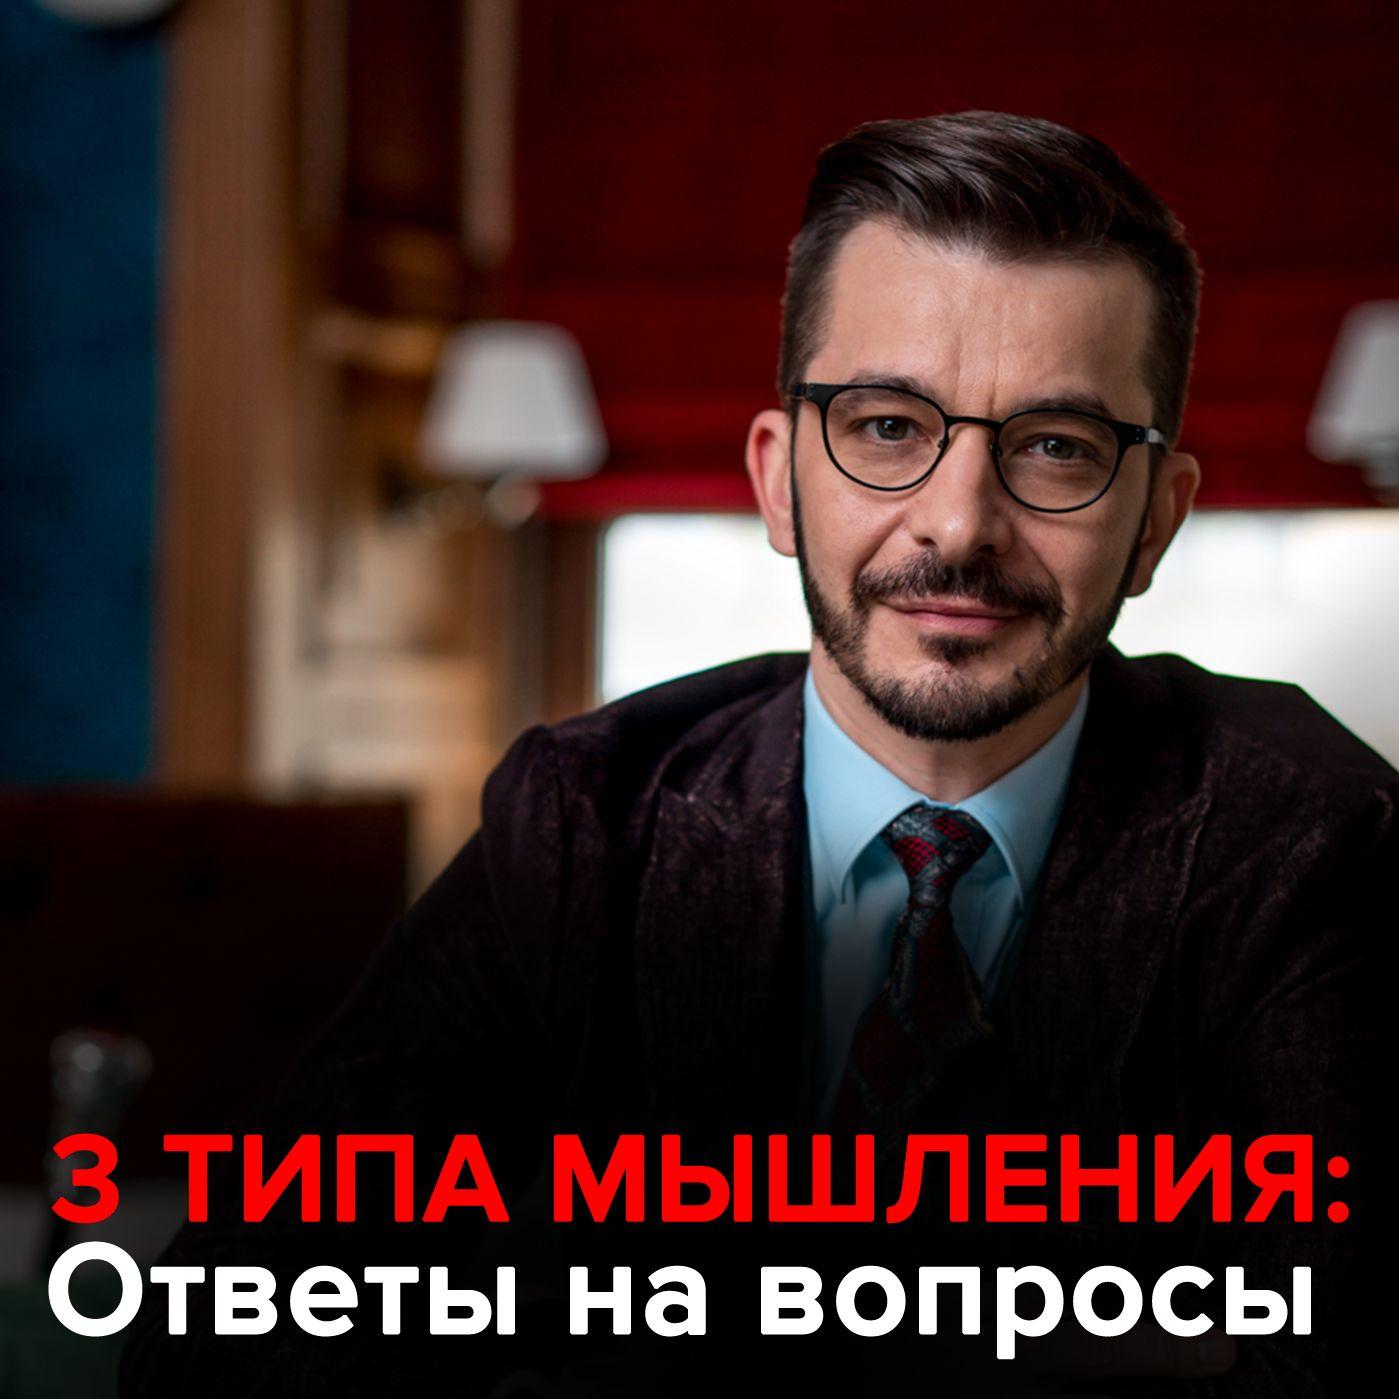 3 типа мышления. Андрей Курпатов отвечает на вопросы подписчиков.